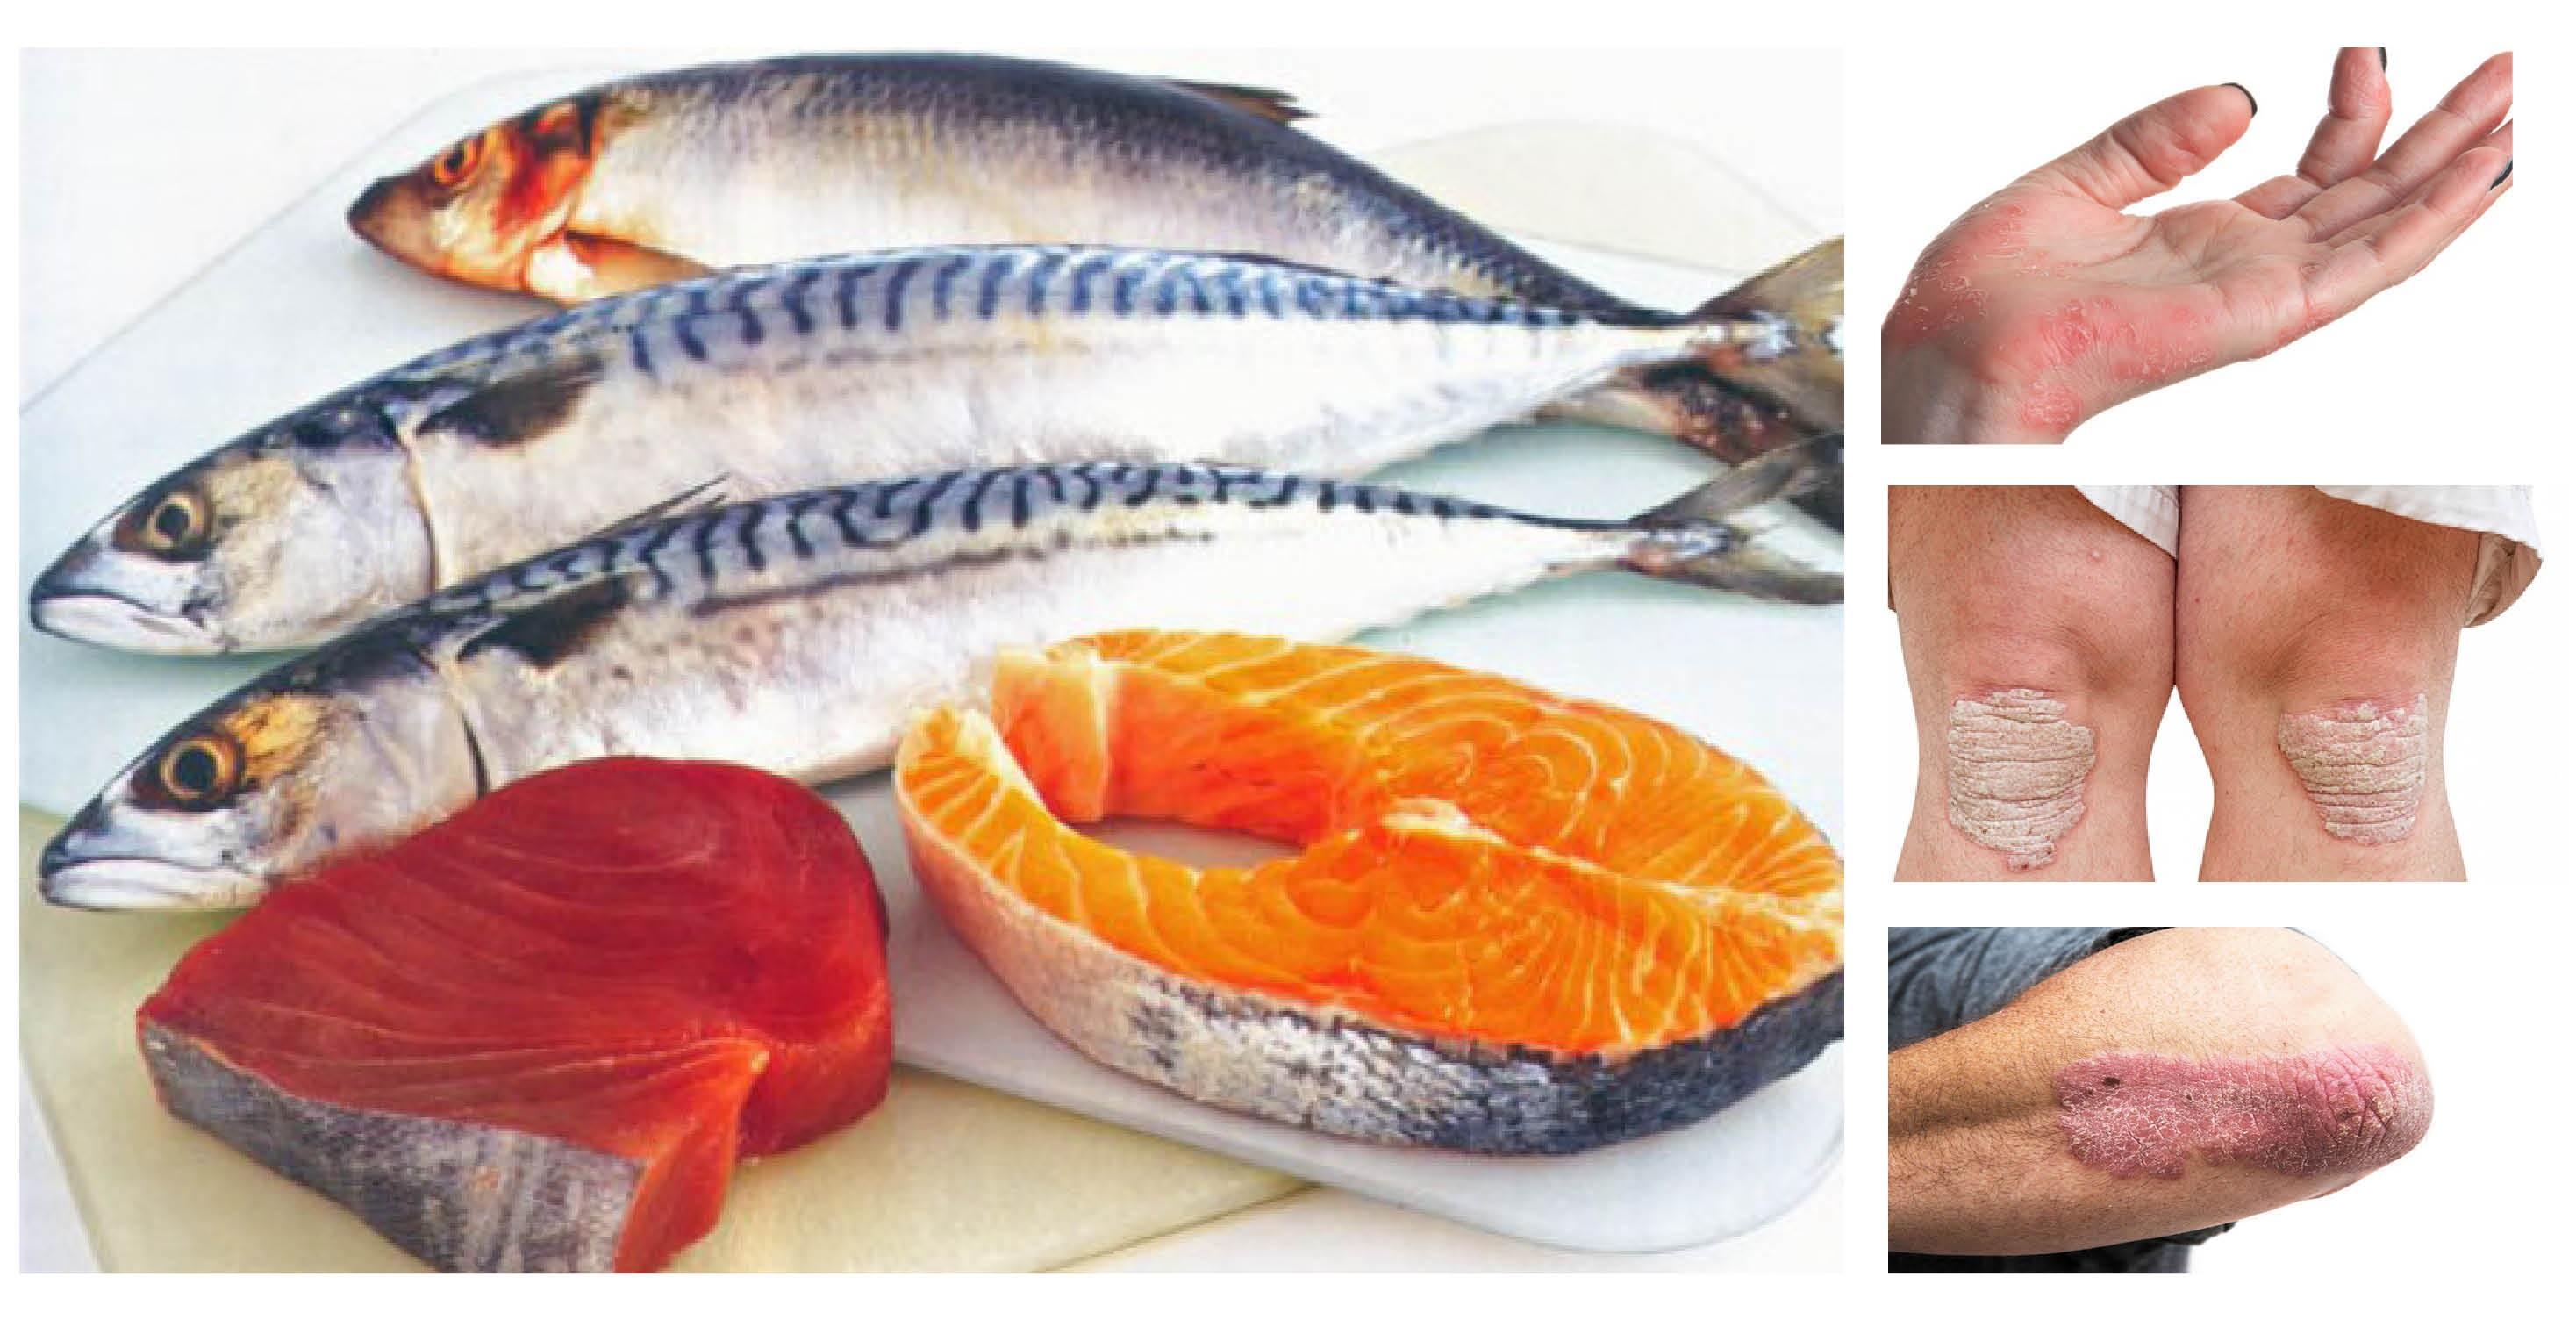 Prof. Saul dëshmon shërimin e psoriazës me agjërim me lëng perimesh dhe peshk